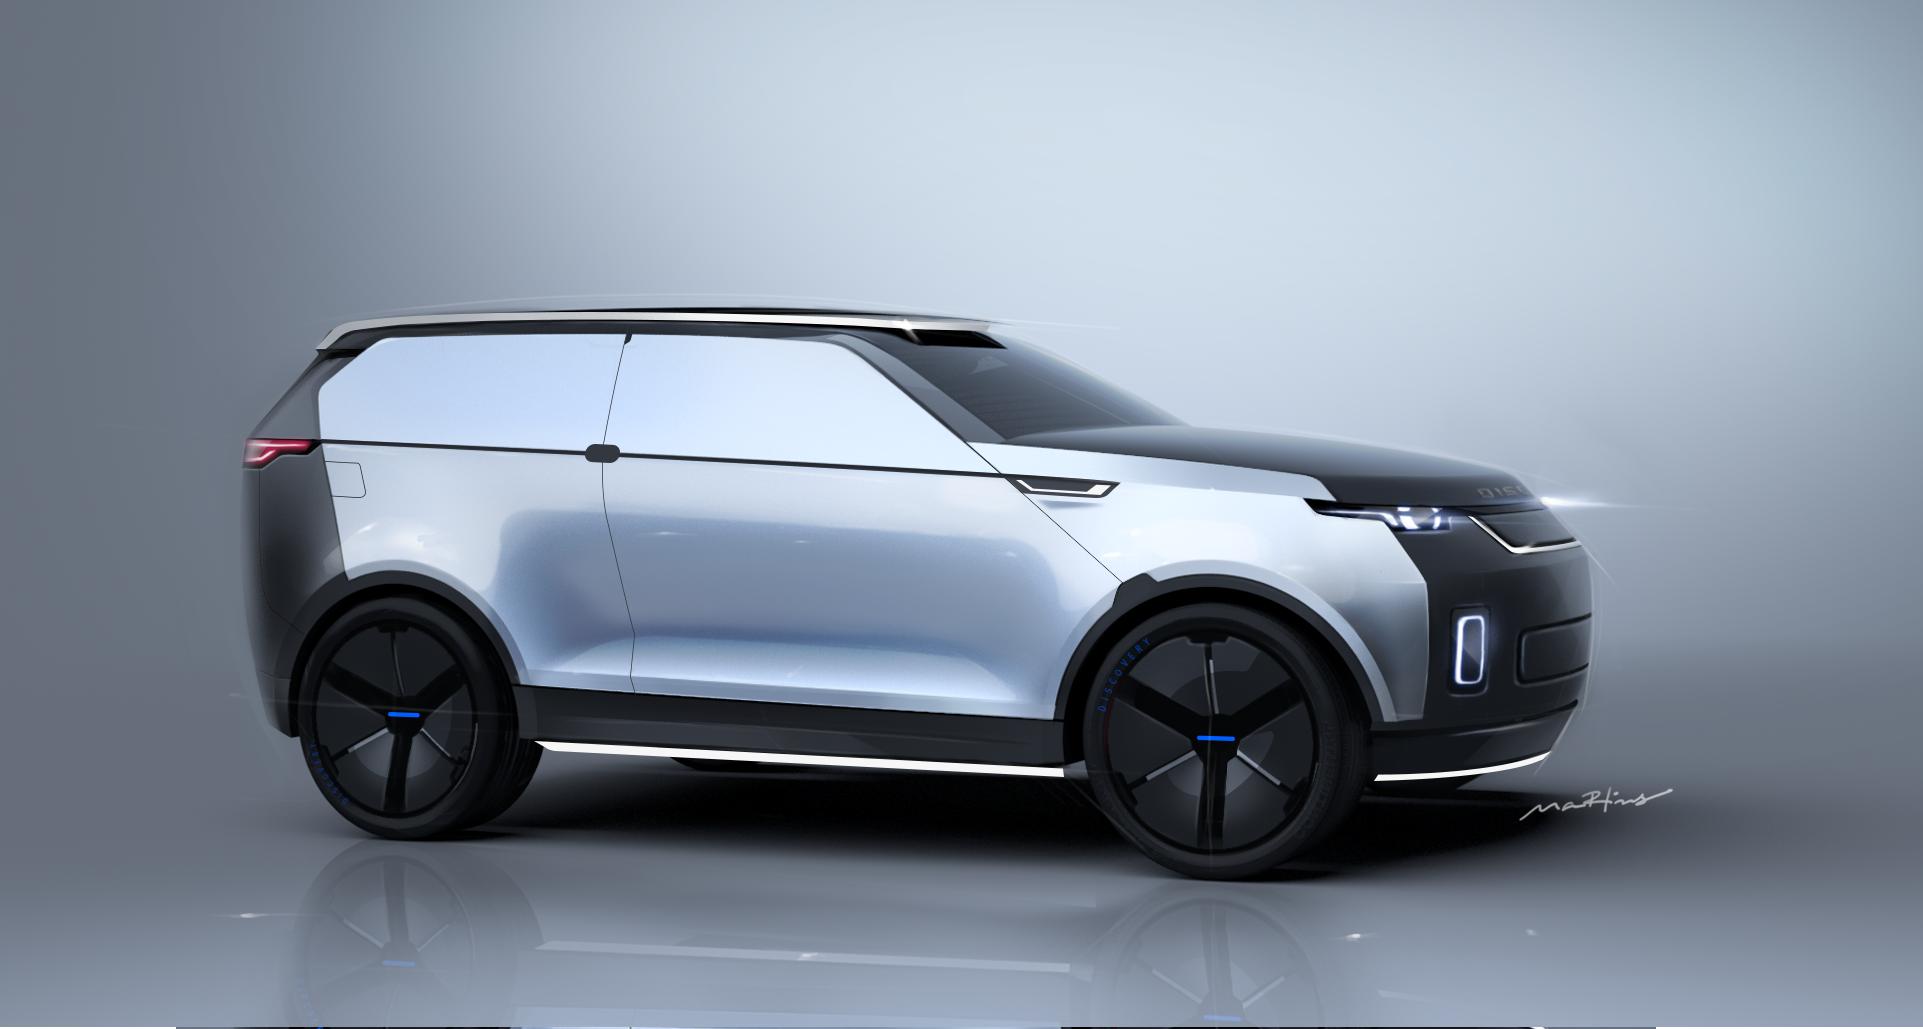 Fernando Martins Land Rover Discovery Concept